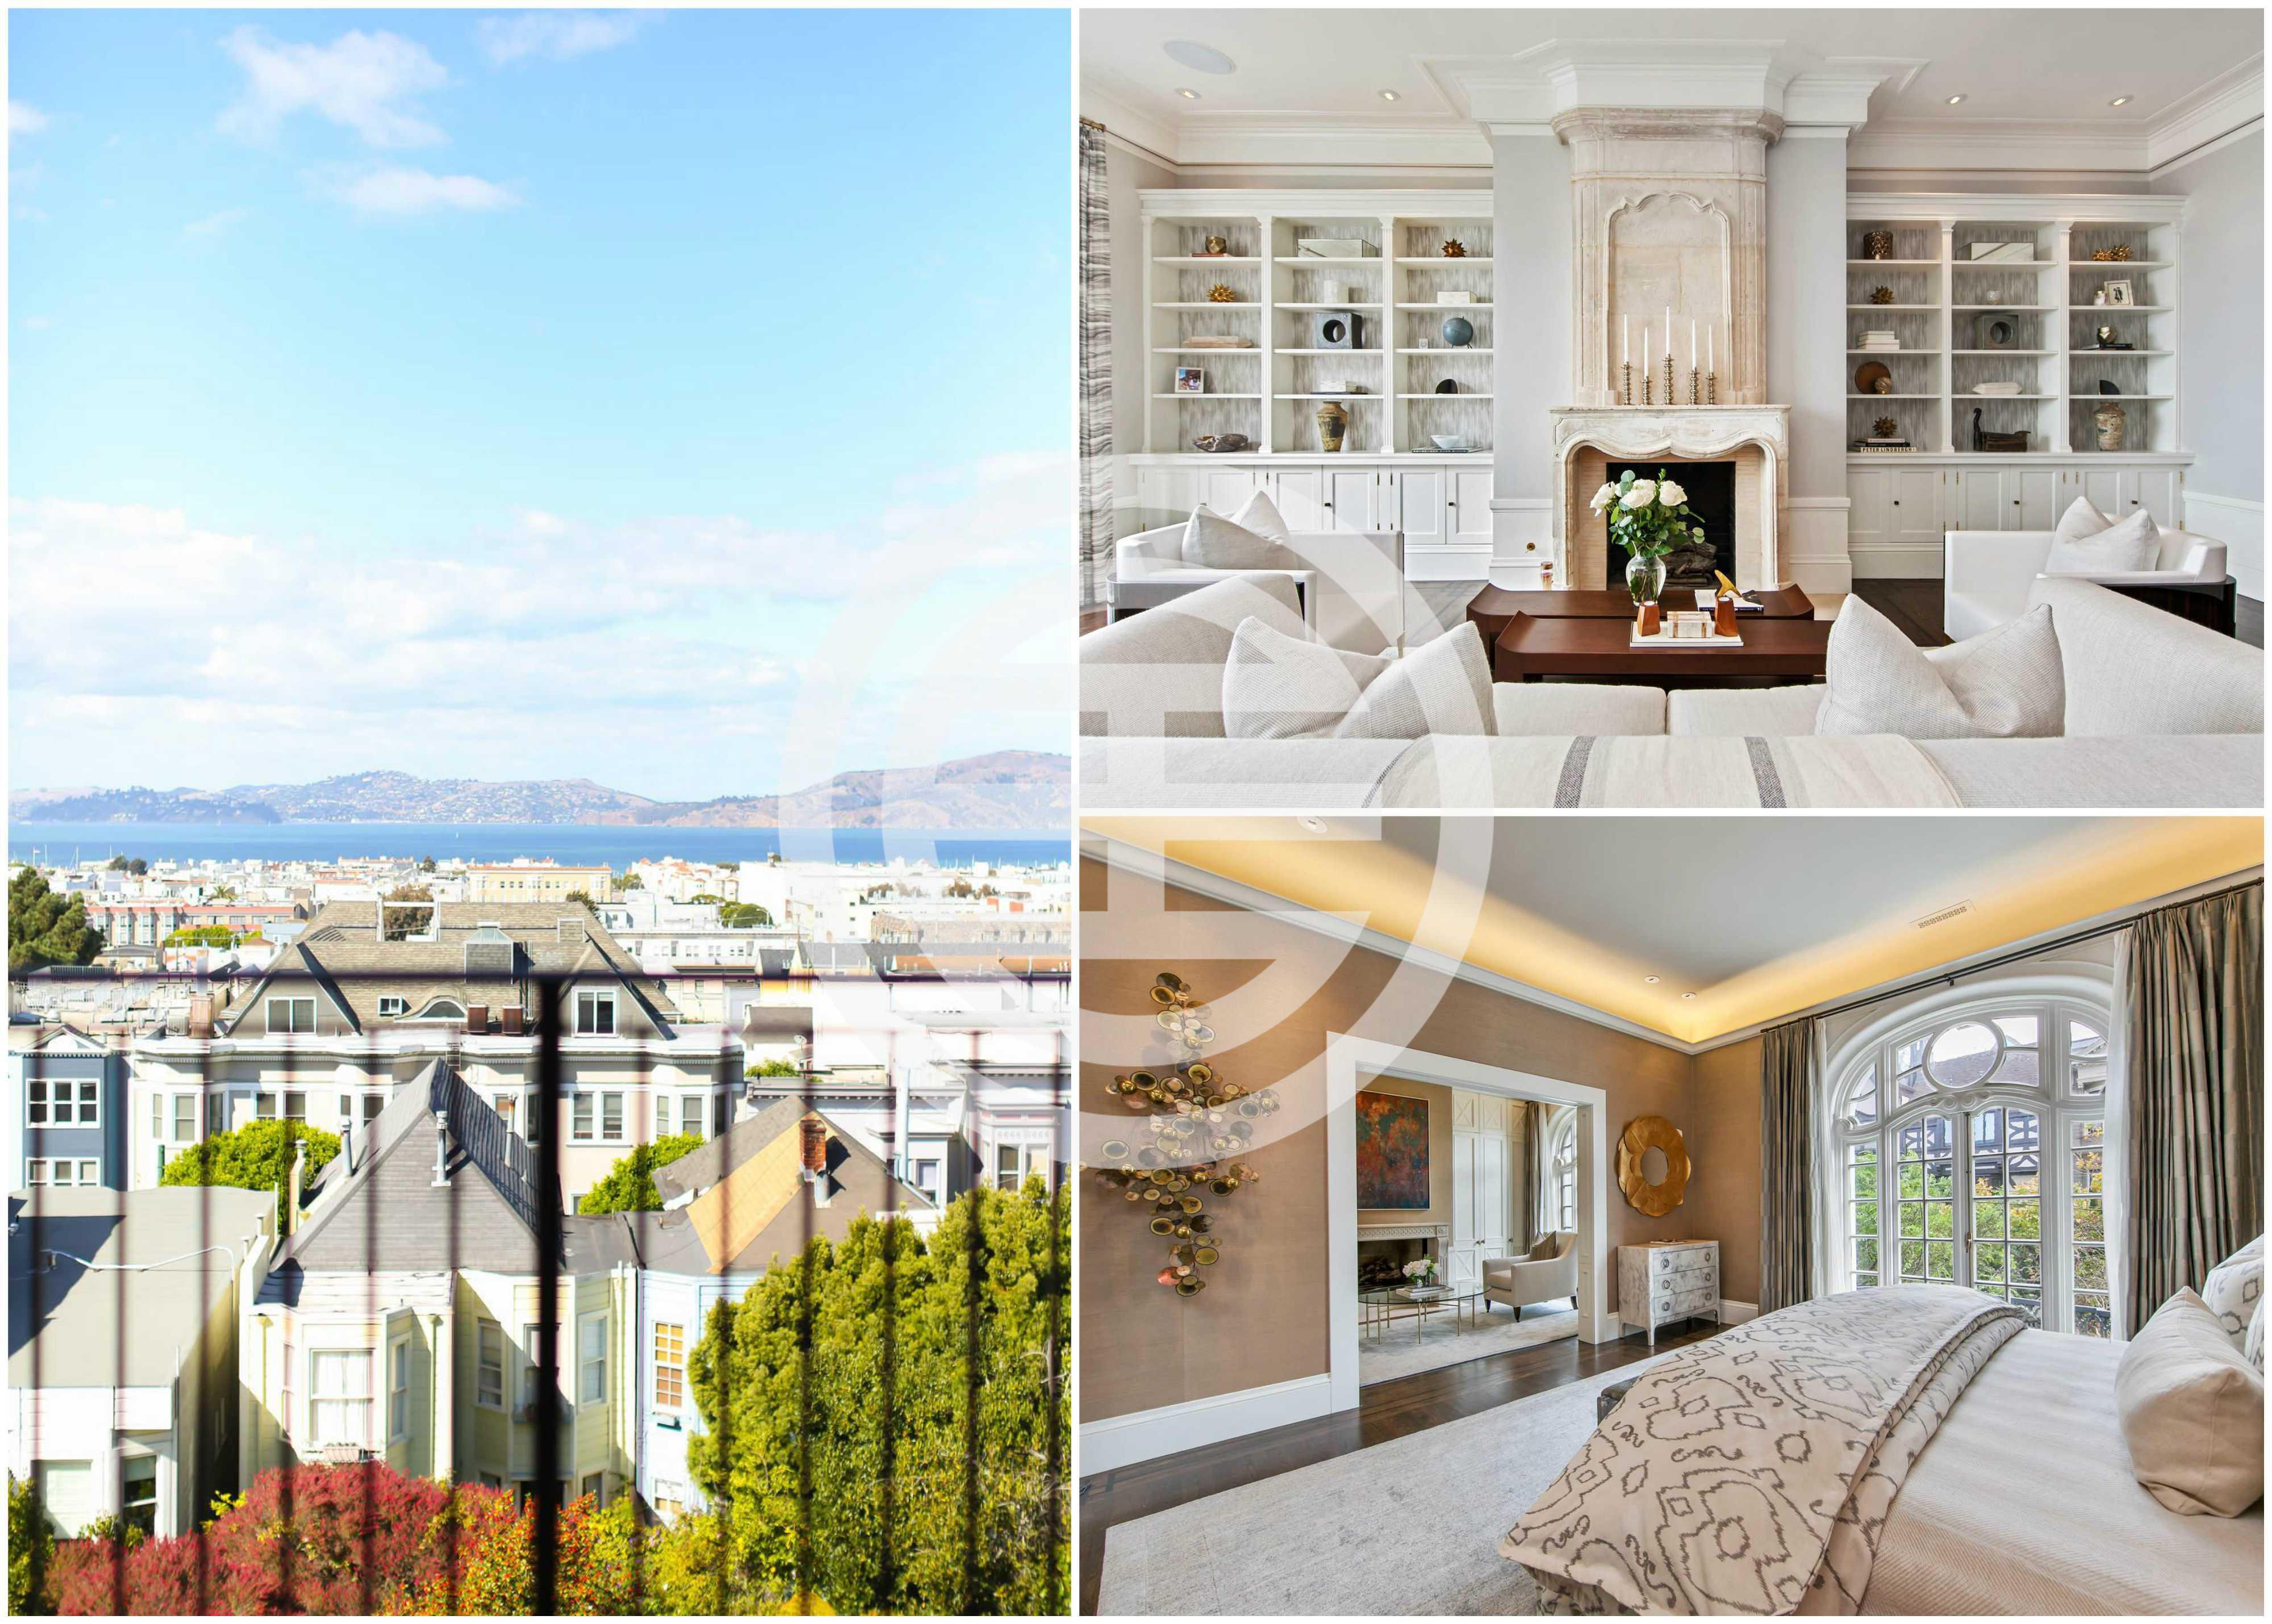 荣获2017年家居频道最受欢迎的灵感设计奖,这套精致的6卧5浴加州旧金山豪宅正在居外网上出售,其海湾景观令人难以抗拒